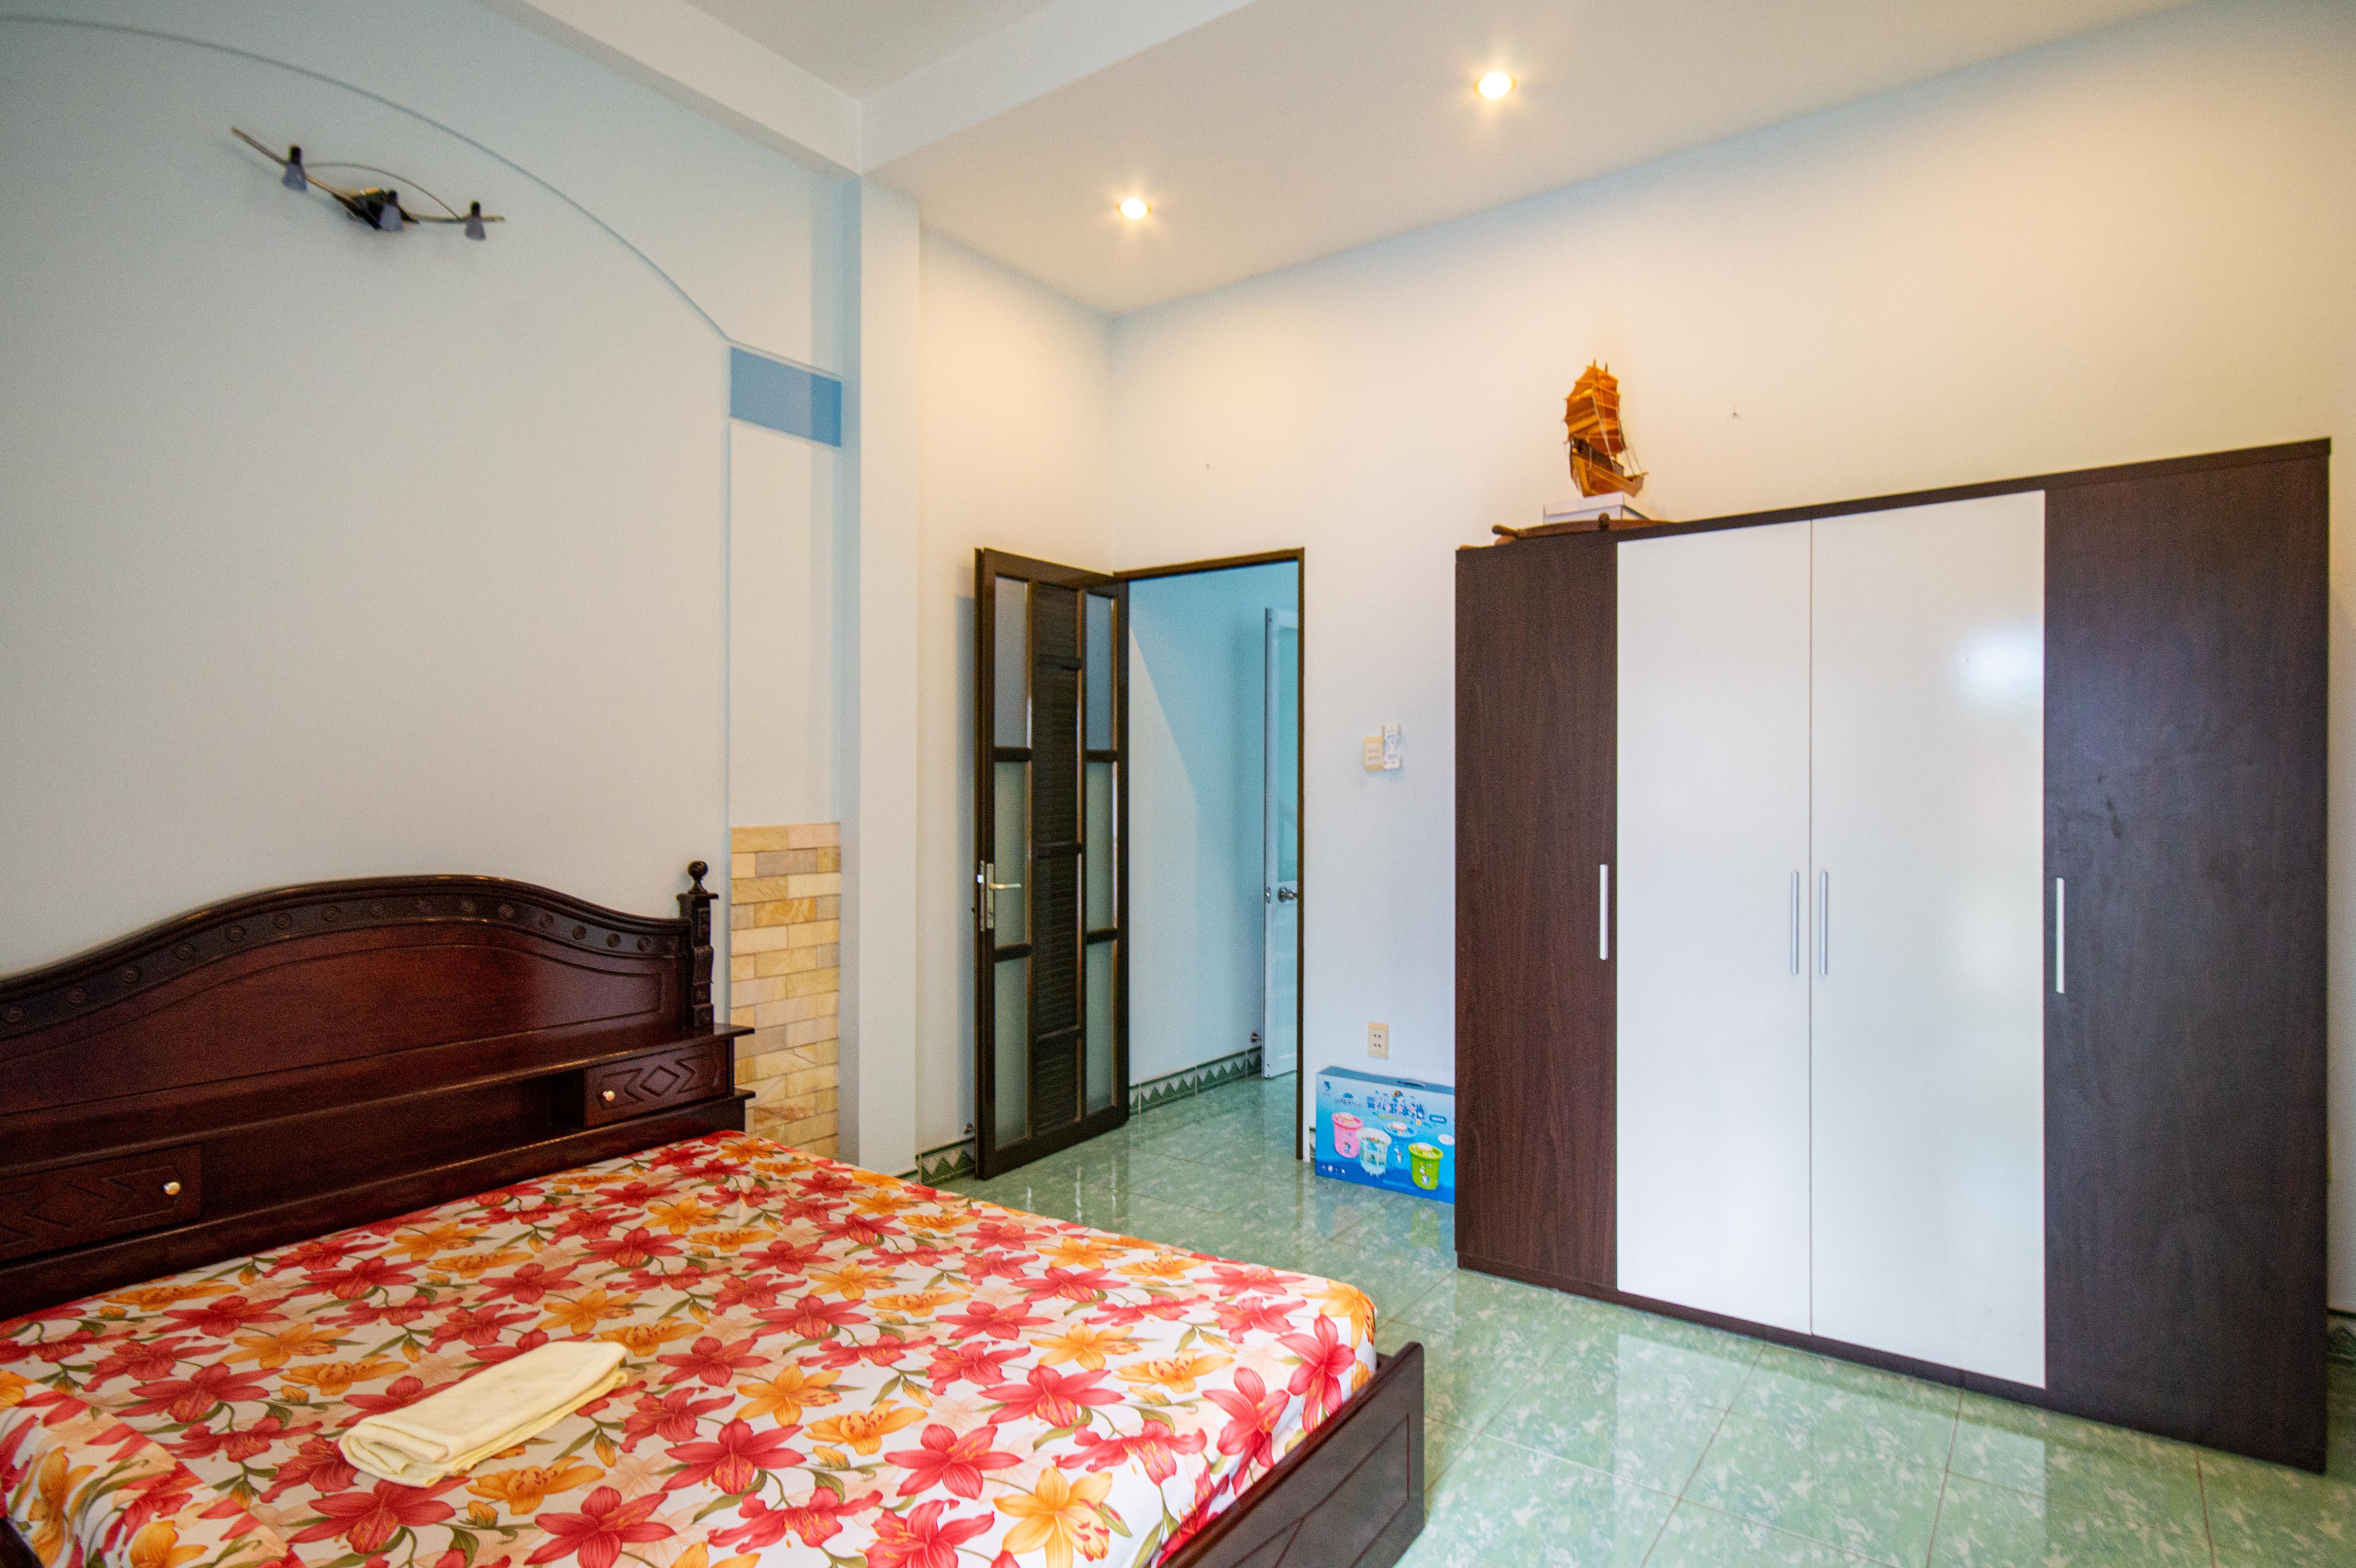 Cho Thuê Căn hộ 1 PN Nguyen Dinh Chieu D3 Apartment - Có Bồn Tắm -5